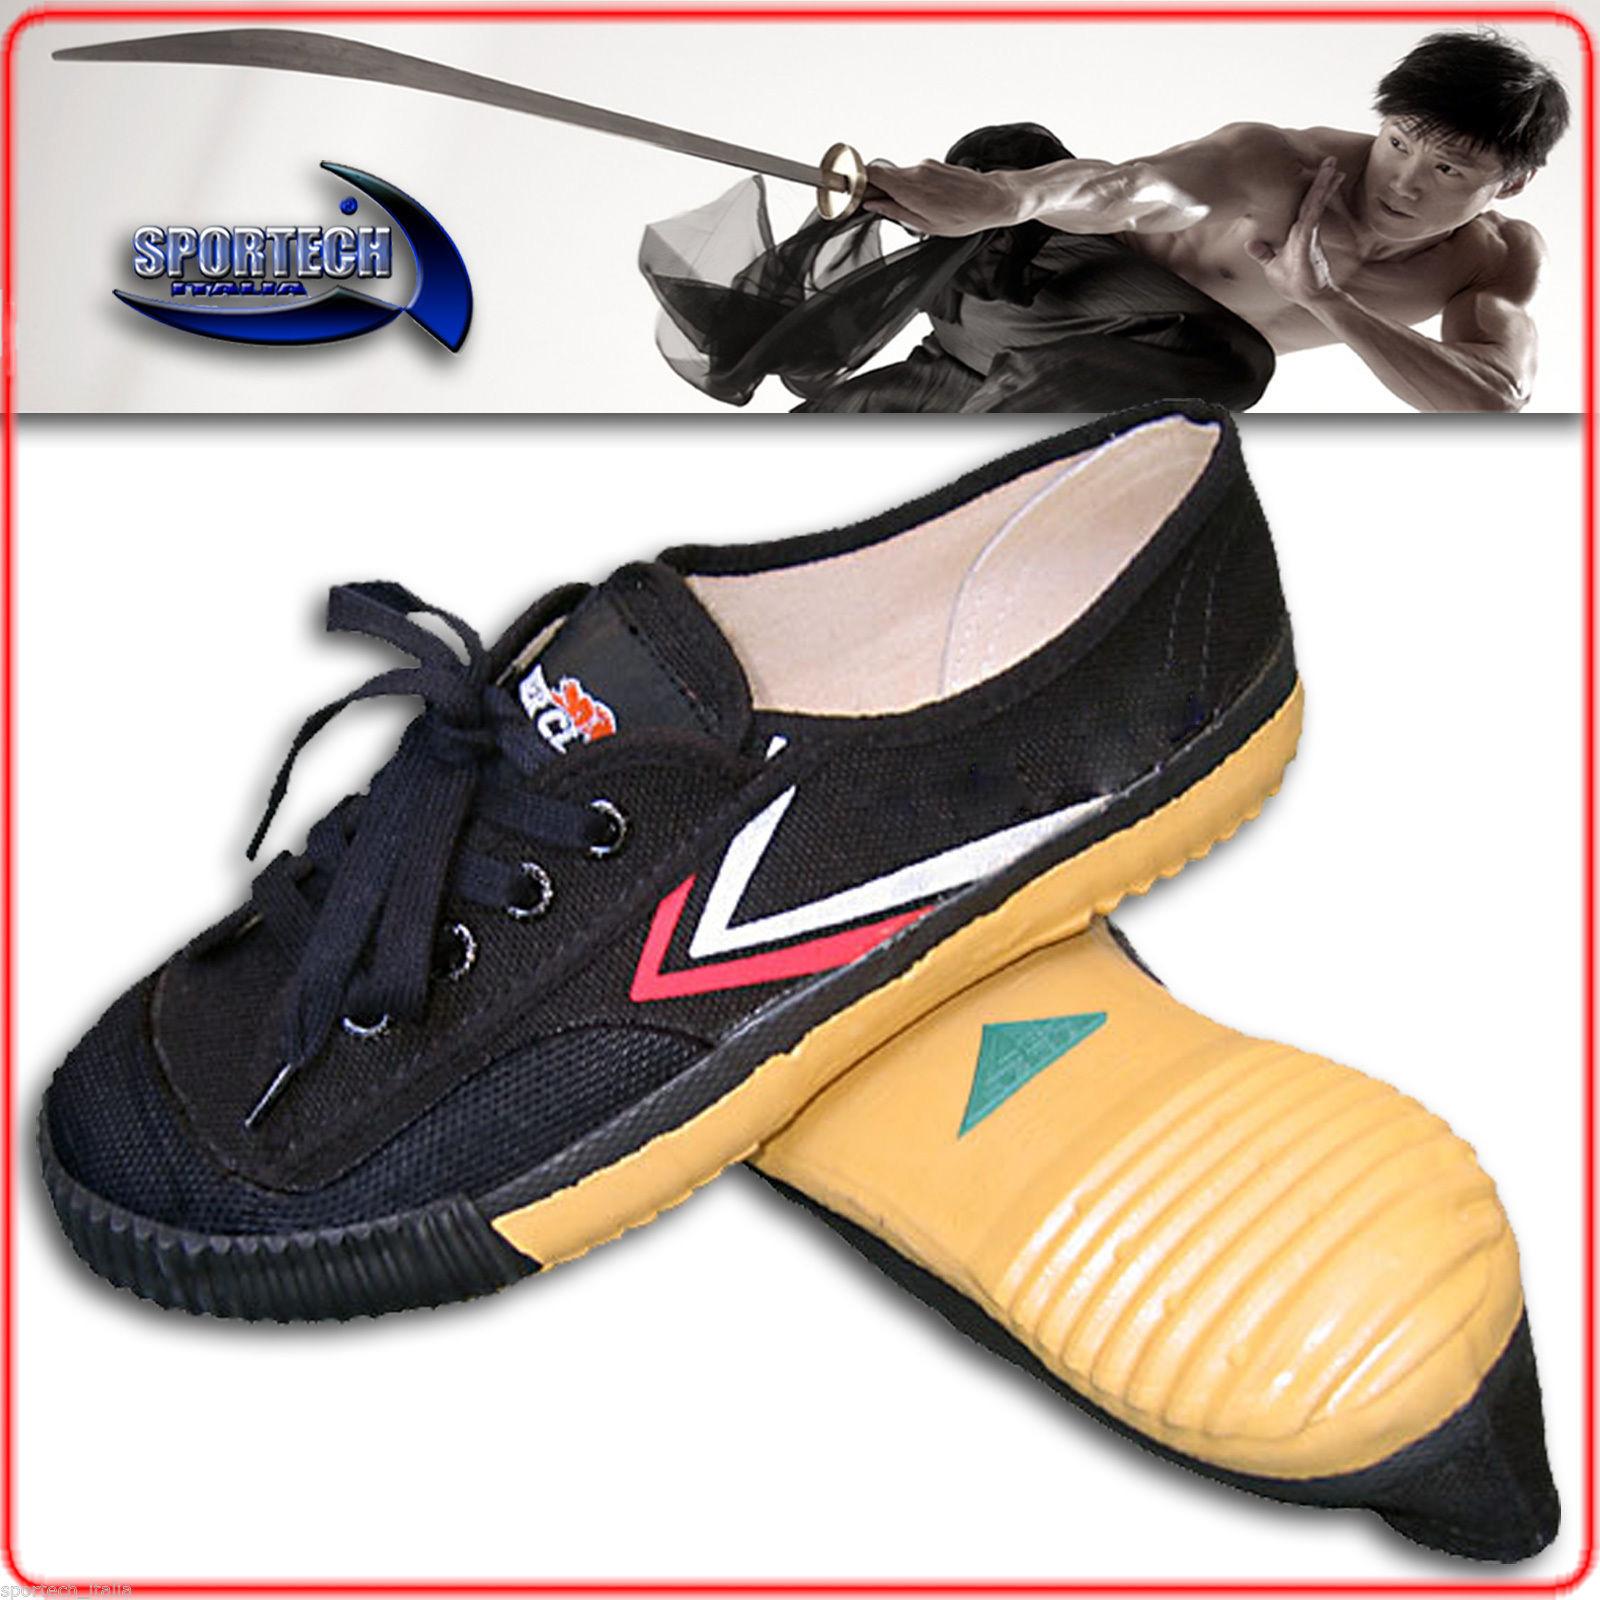 Gallux Ragazza Scarpe Sneaker Fiori Da Ginnastica Sport Casuale Neon yPtGSq1iiO